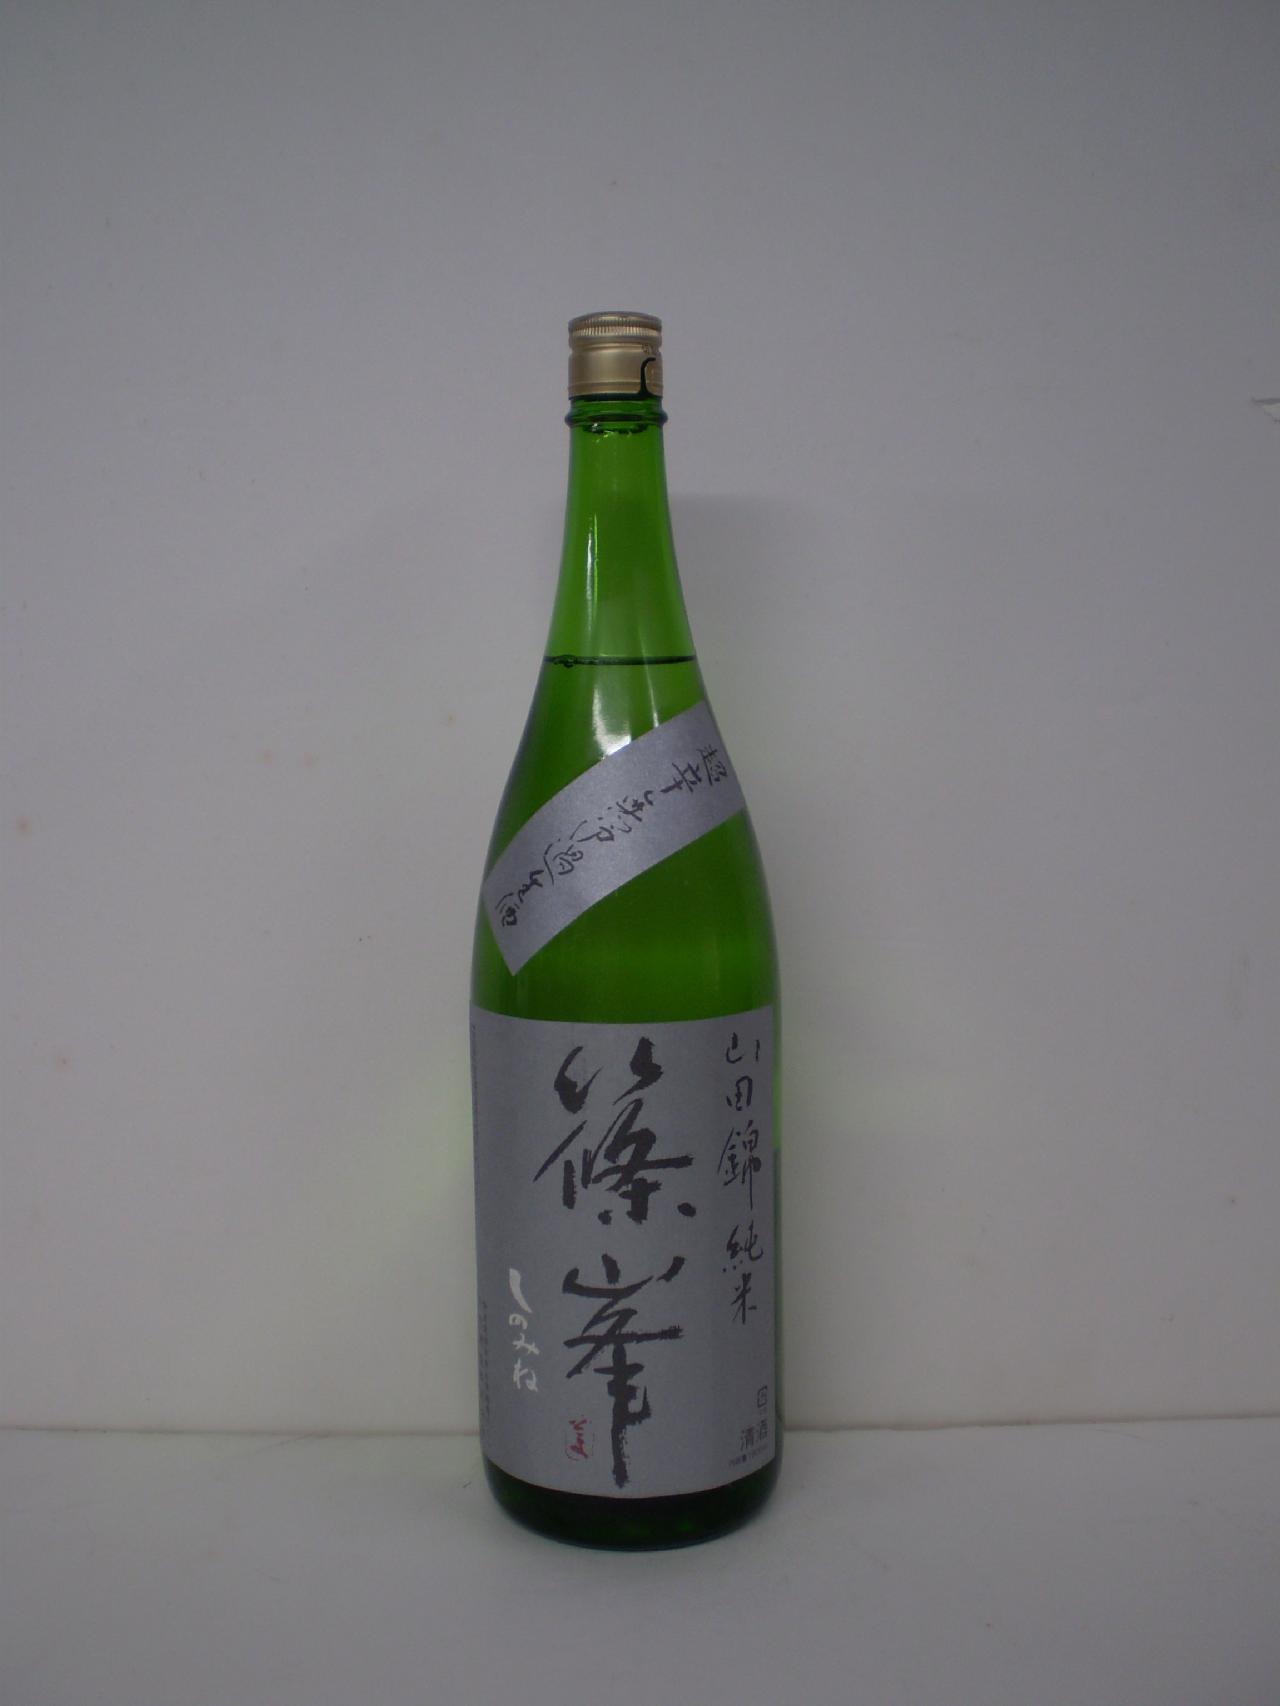 篠峯 超辛口 純米生原酒 1800ml 千代酒造